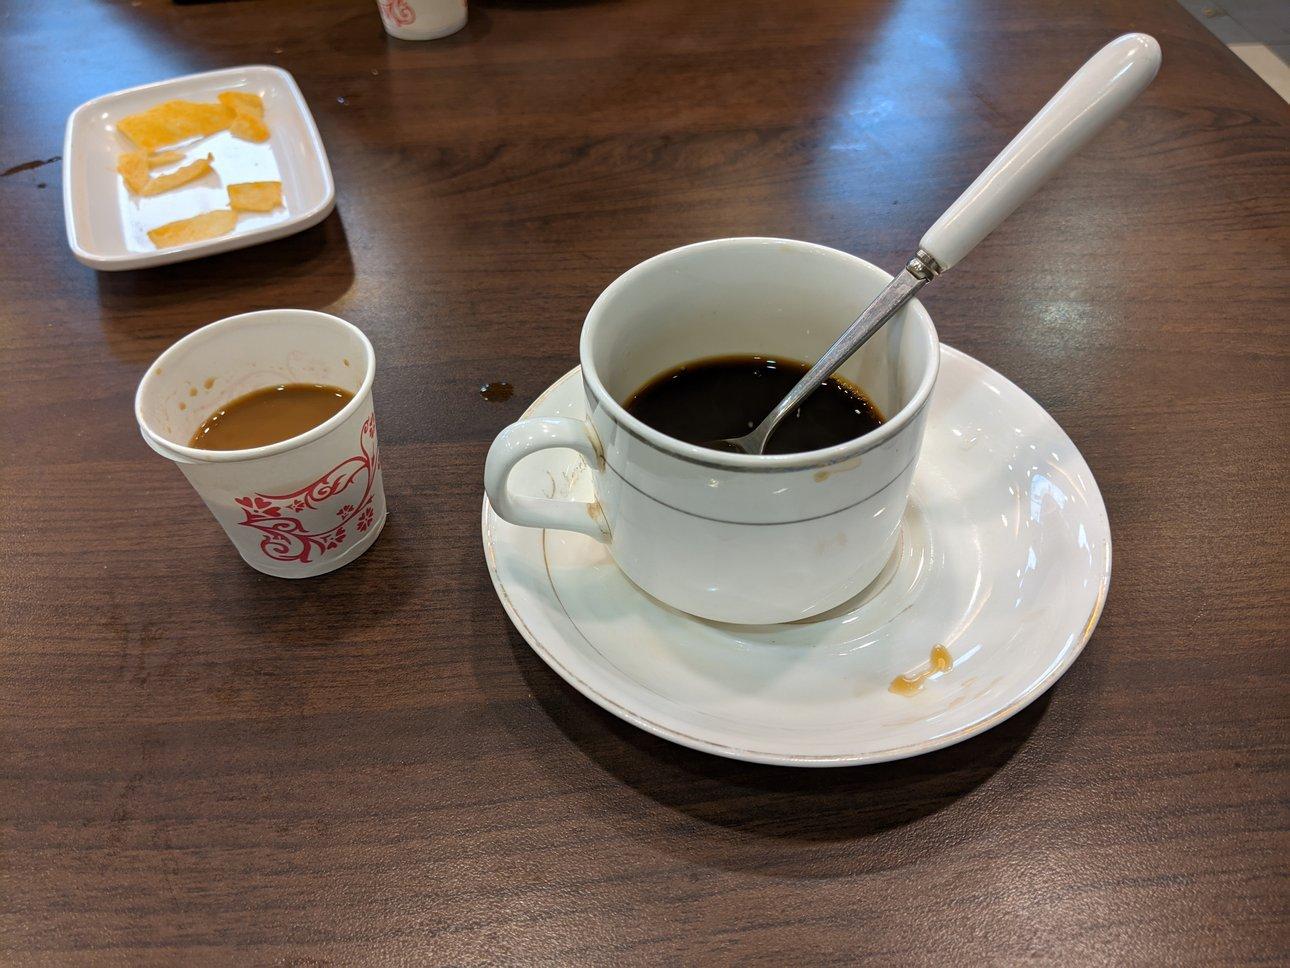 咖啡馆送的咖啡